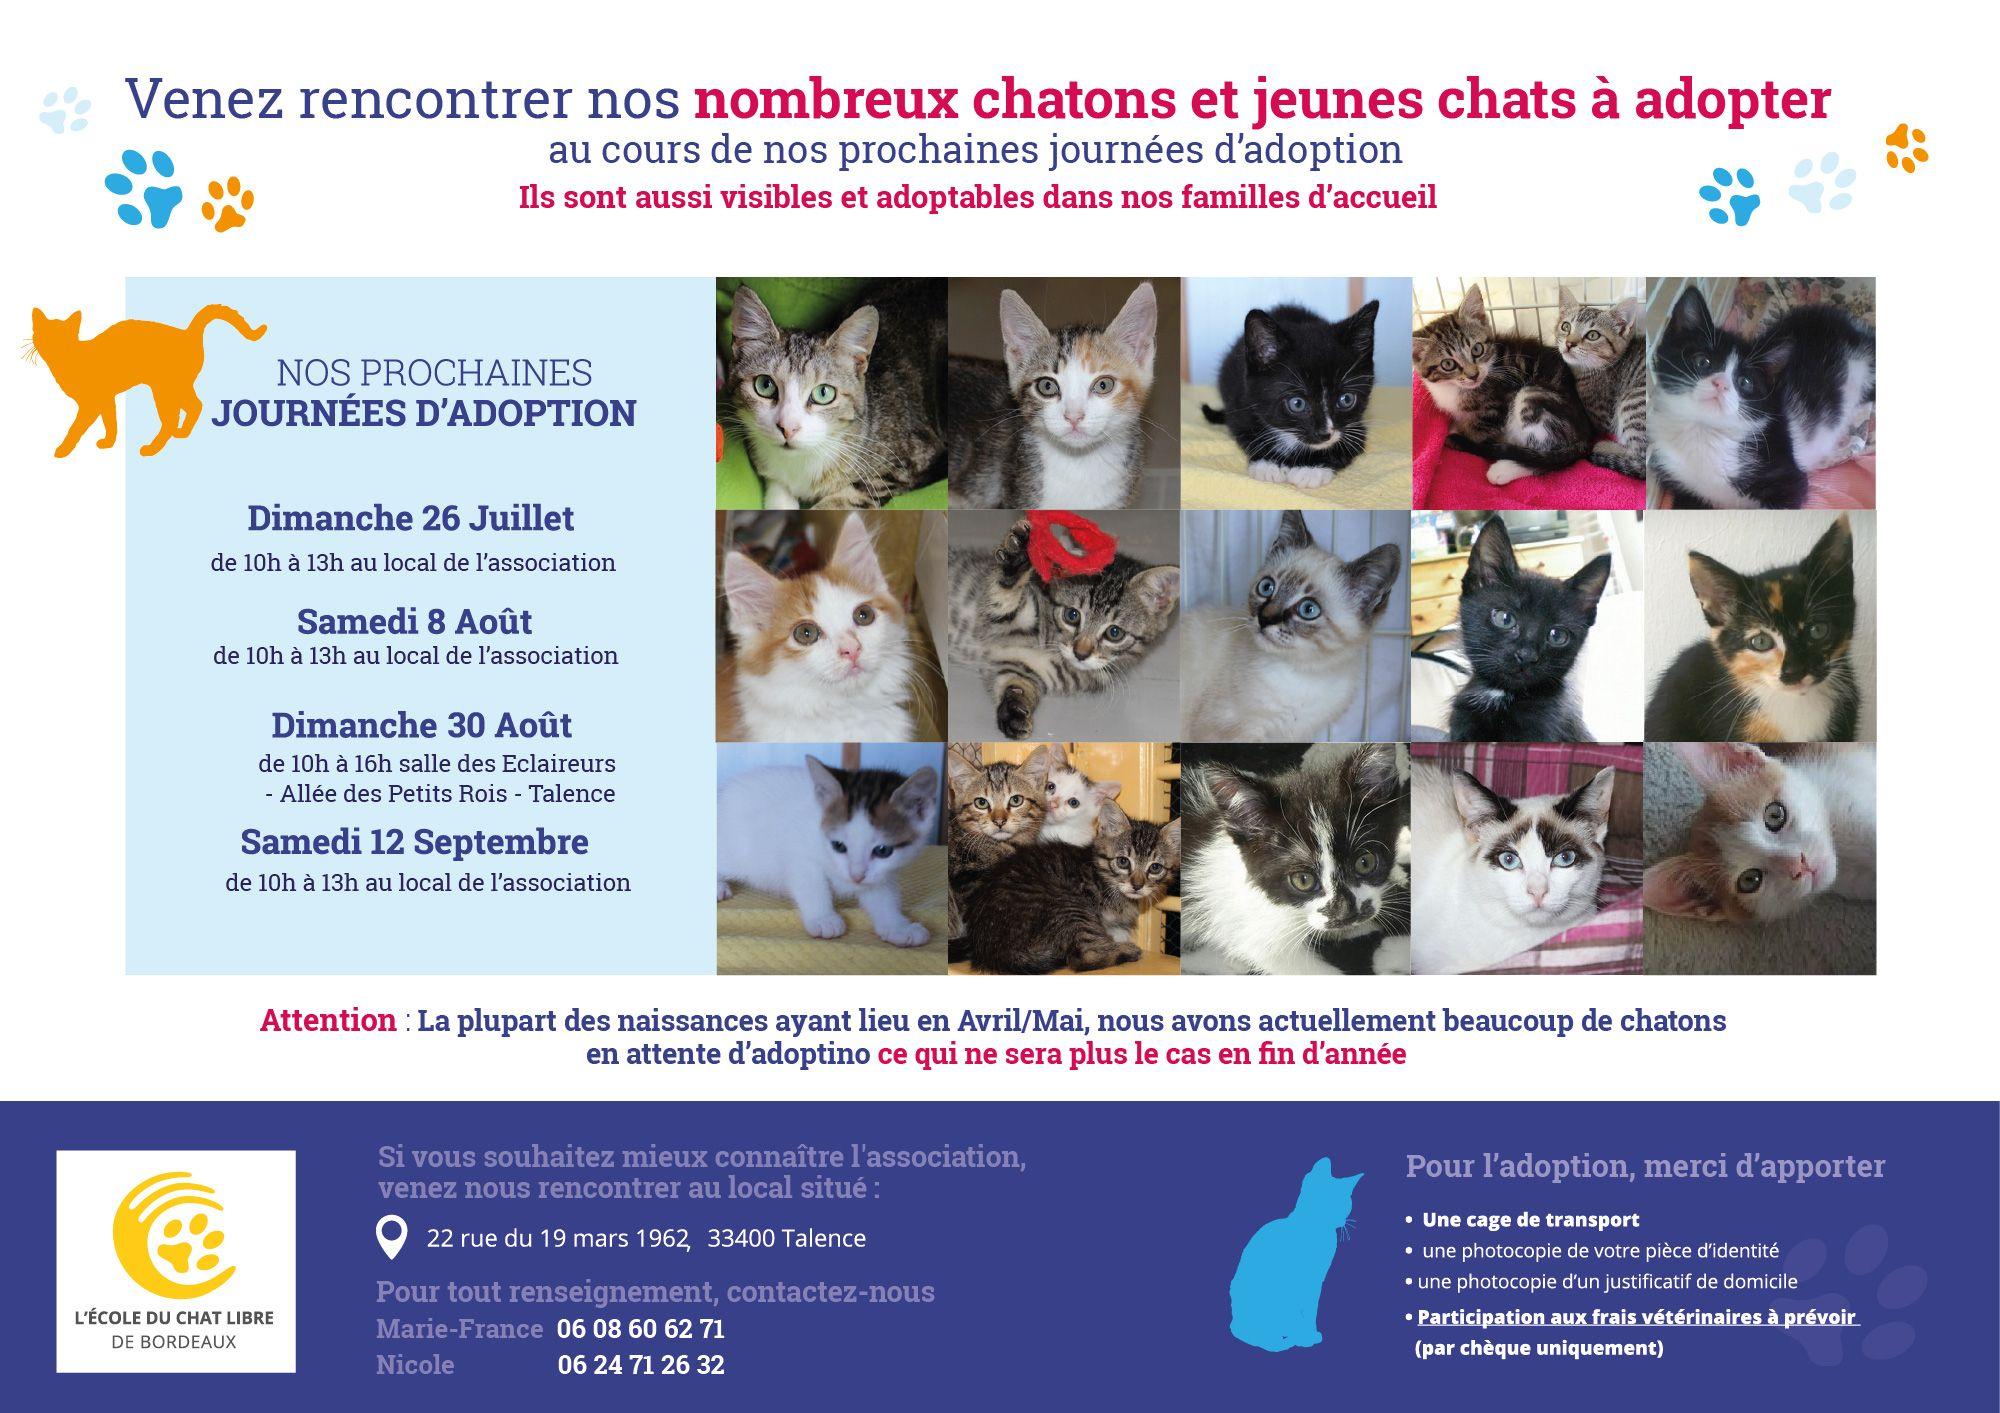 ecole du chat libre de bordeaux cliquer 2x pour les prochaines journ es d 39 adoption de chatons. Black Bedroom Furniture Sets. Home Design Ideas